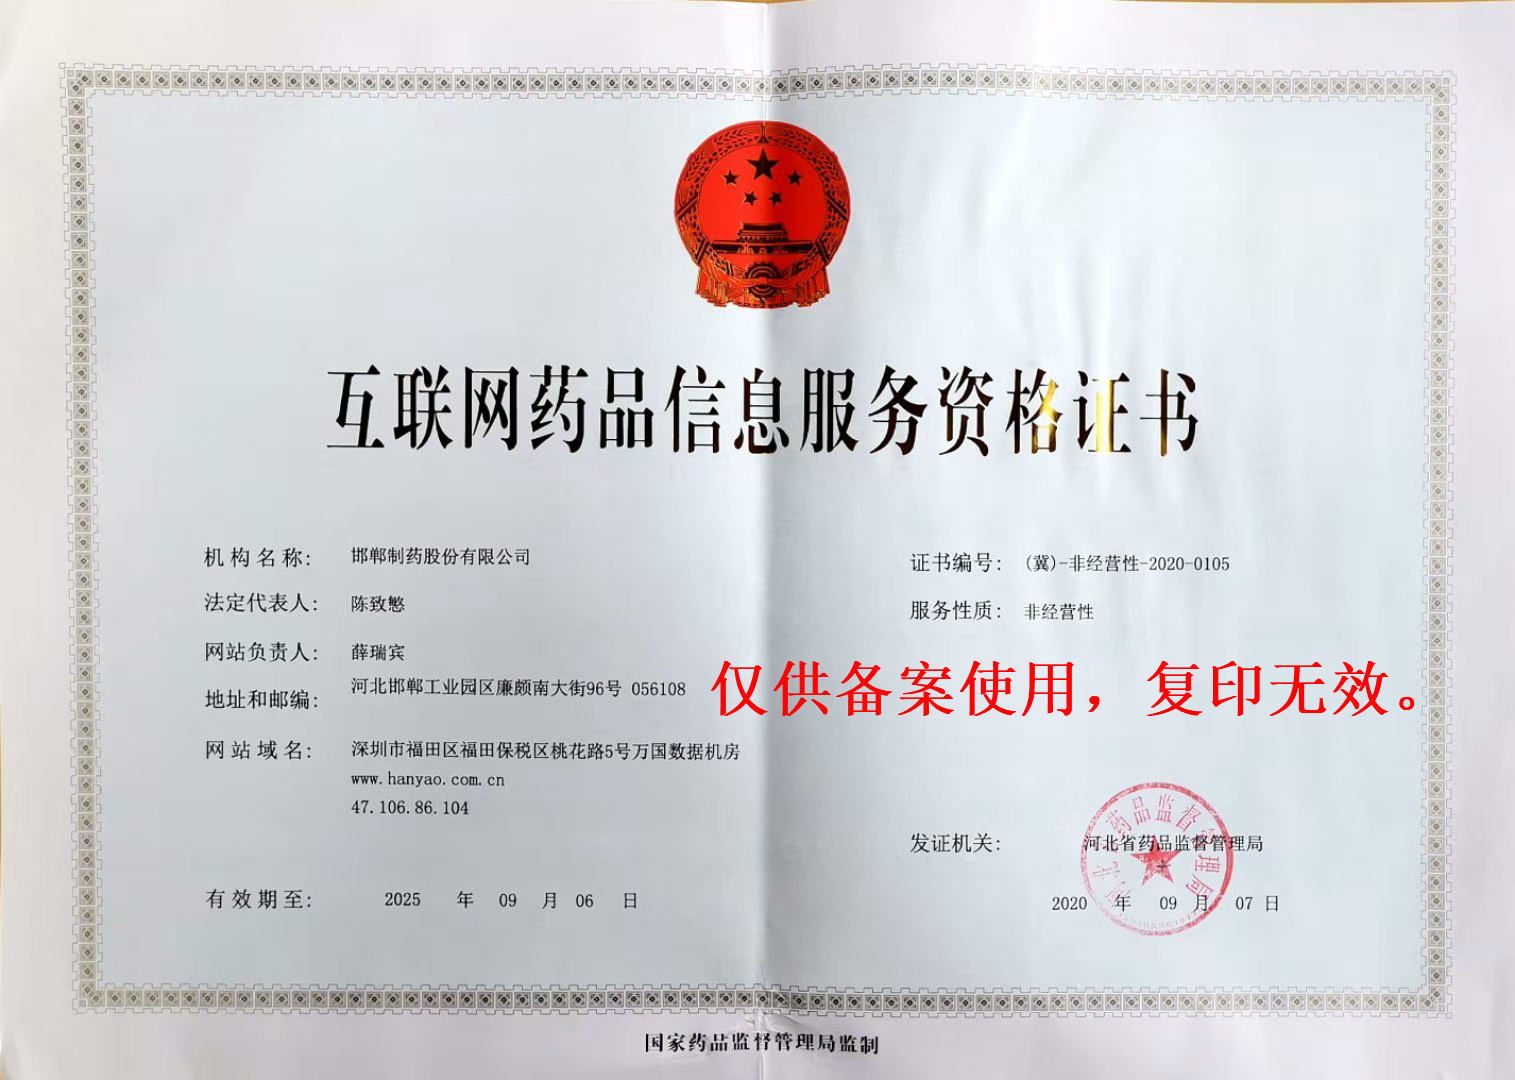 互聯網藥品信息服務資格證